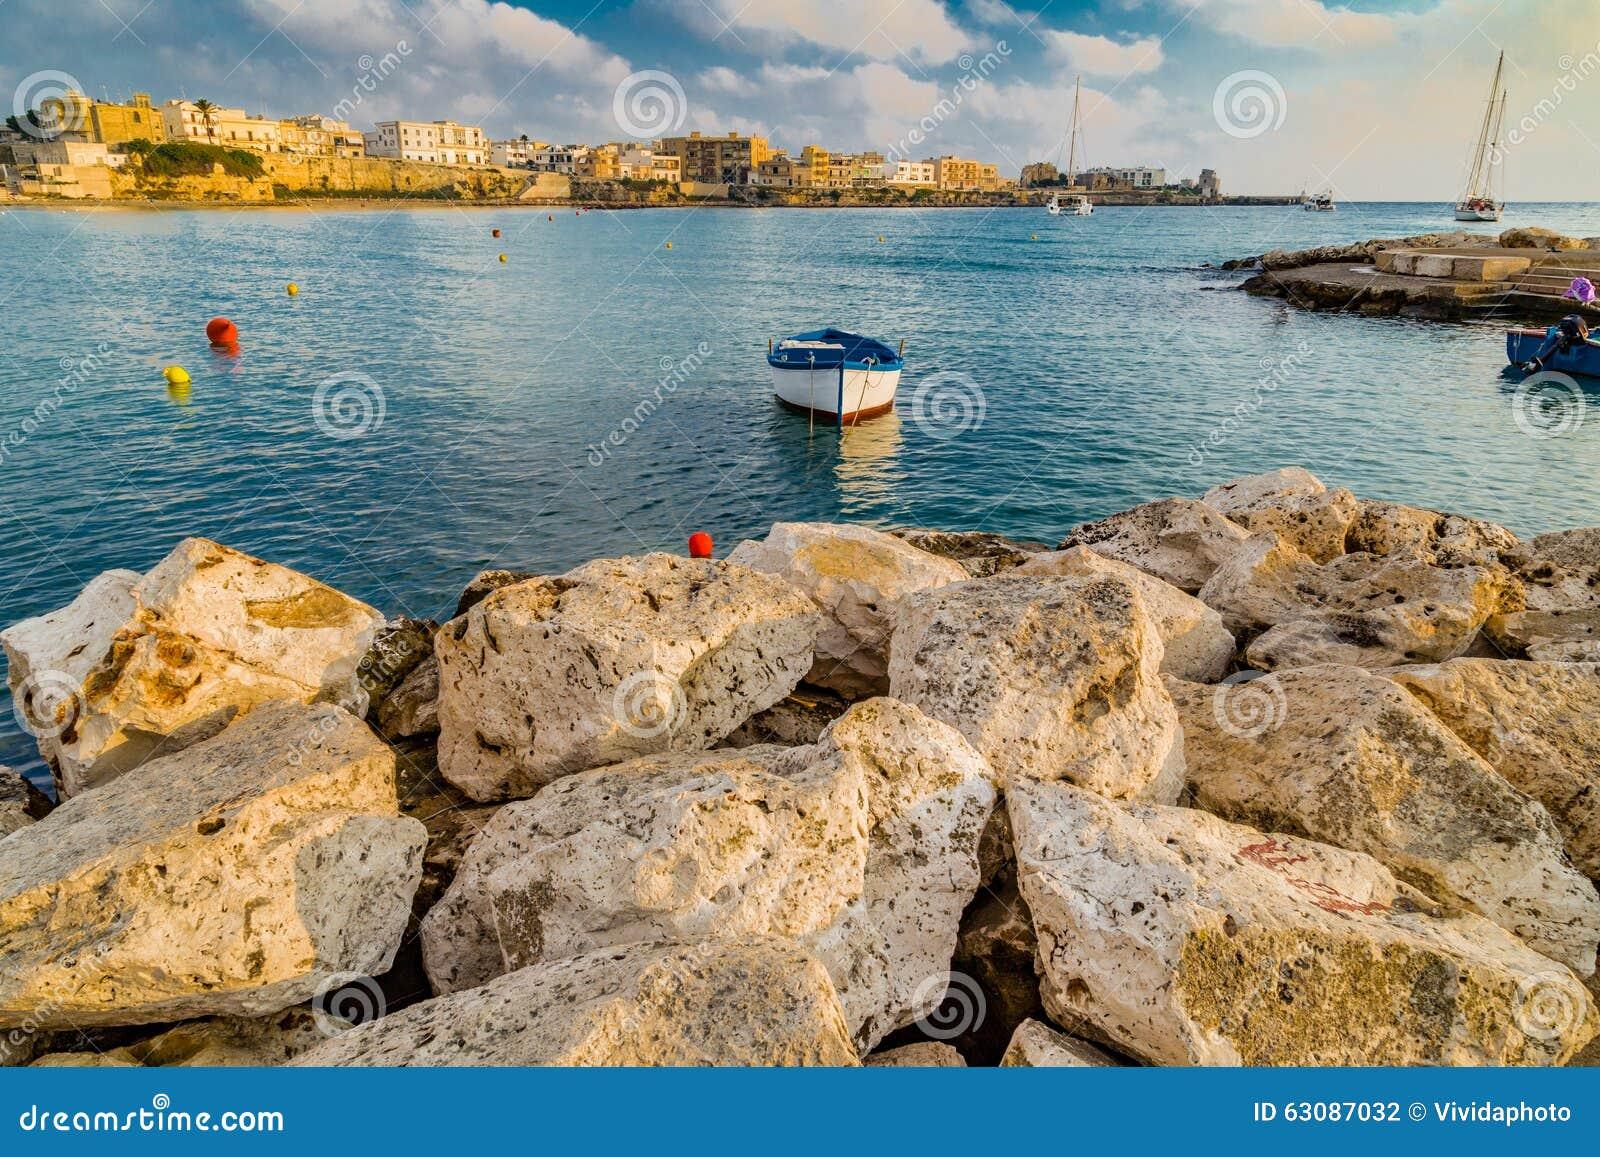 Download Baie sur la Mer Adriatique photo stock. Image du roches - 63087032